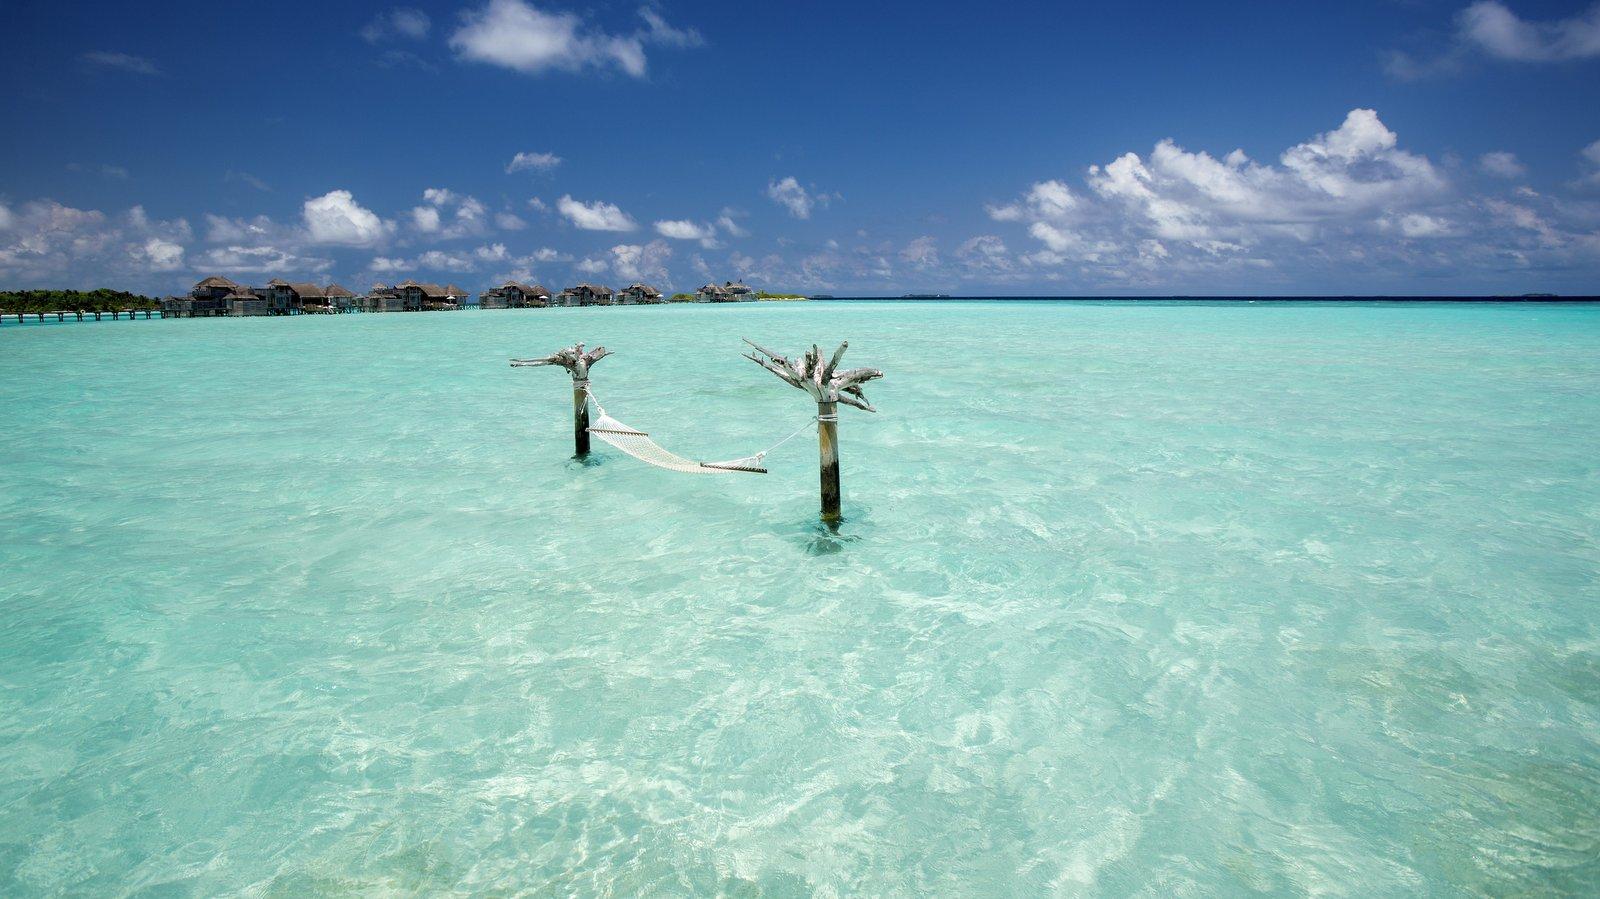 Мальдивы, отель Gili Lankanfushi Maldives